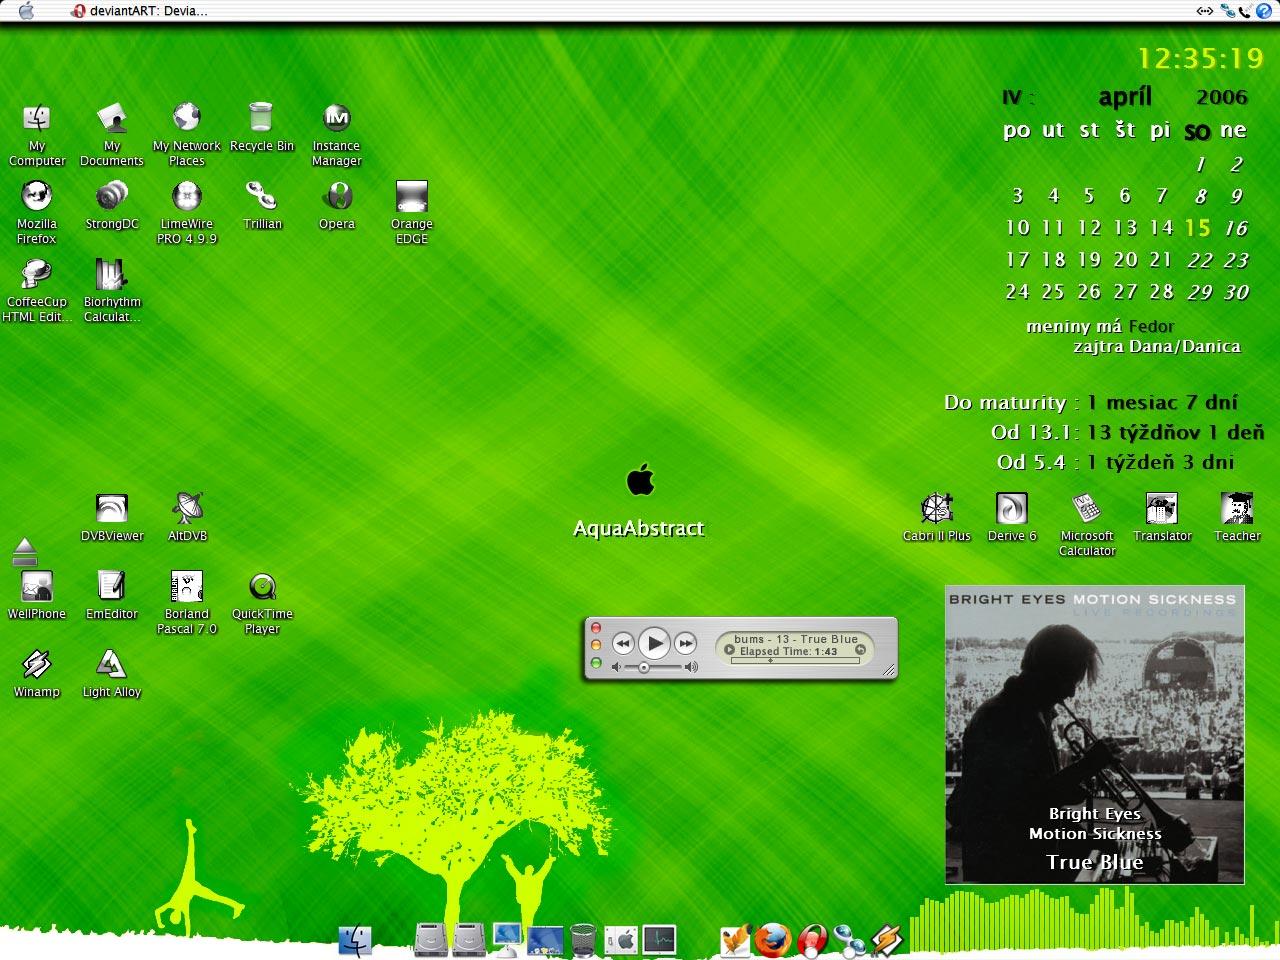 Title: Spring Alcatrazer's Desktop